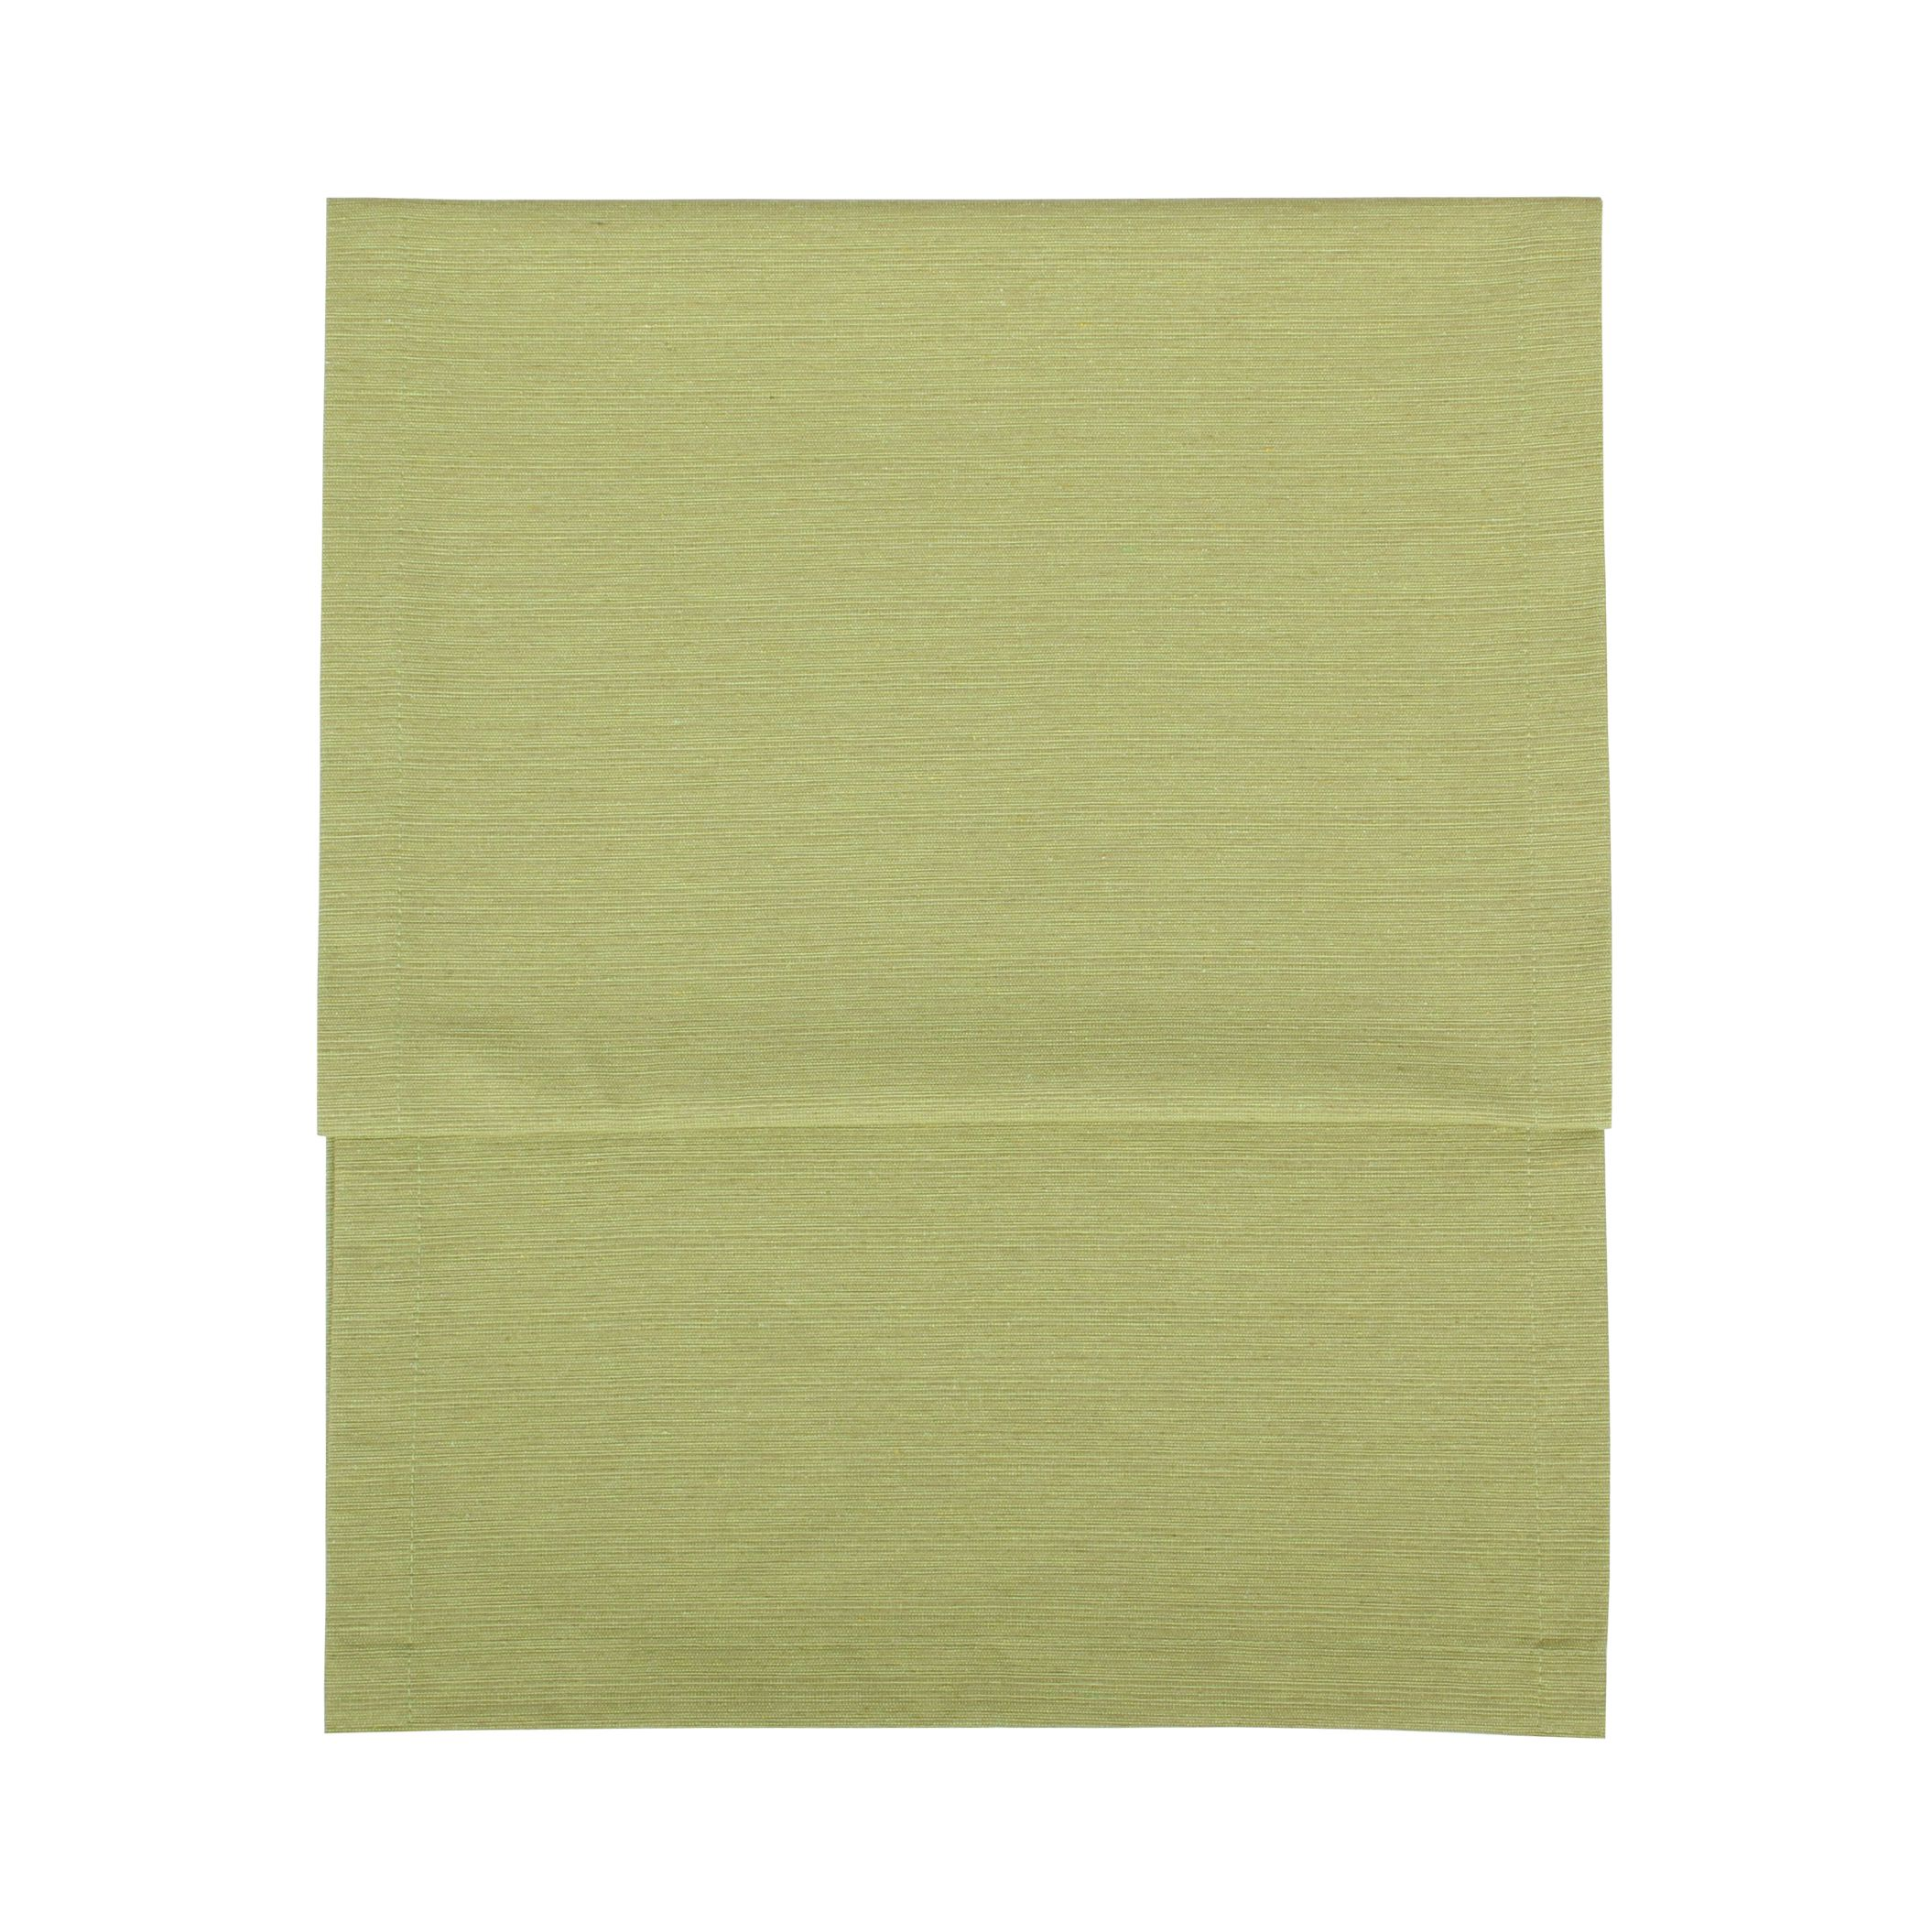 Tischläufer Fino Grün 40×150 cm, Magma-Heimtex jetzt kaufen